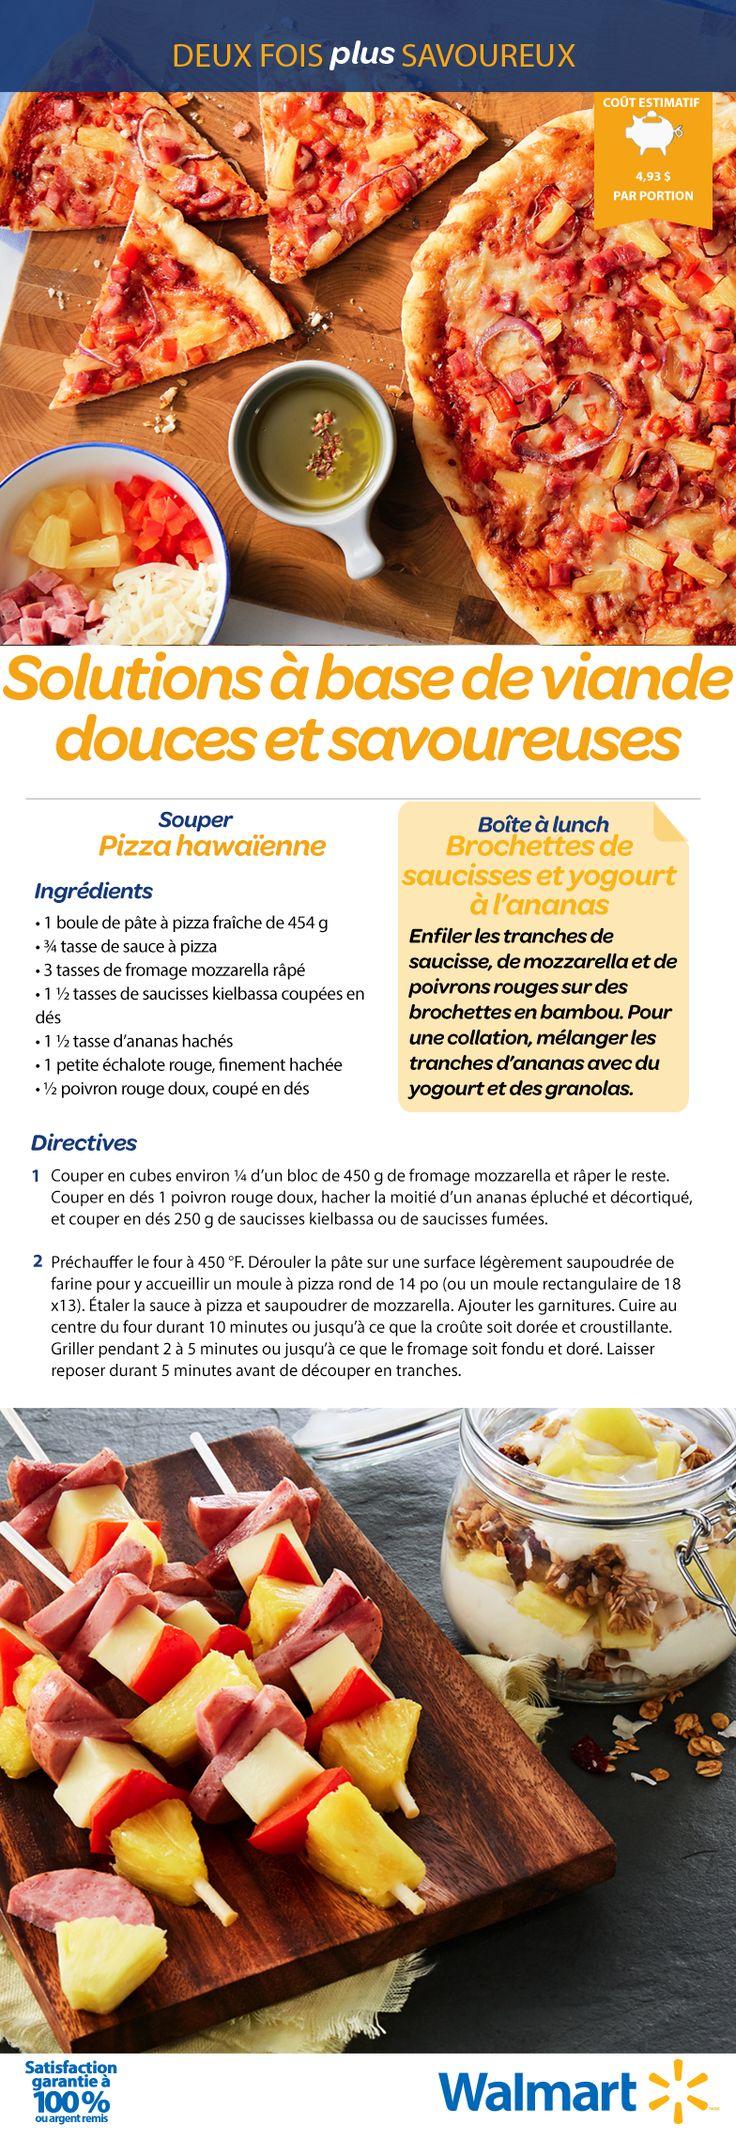 Pour souper : une délicieuse pizza hawaïenne aux ananas. Pour la boîte à lunch : des brochettes de saucisses accompagnées d'un yogourt à l'ananas. Miam! #SolutionRepas